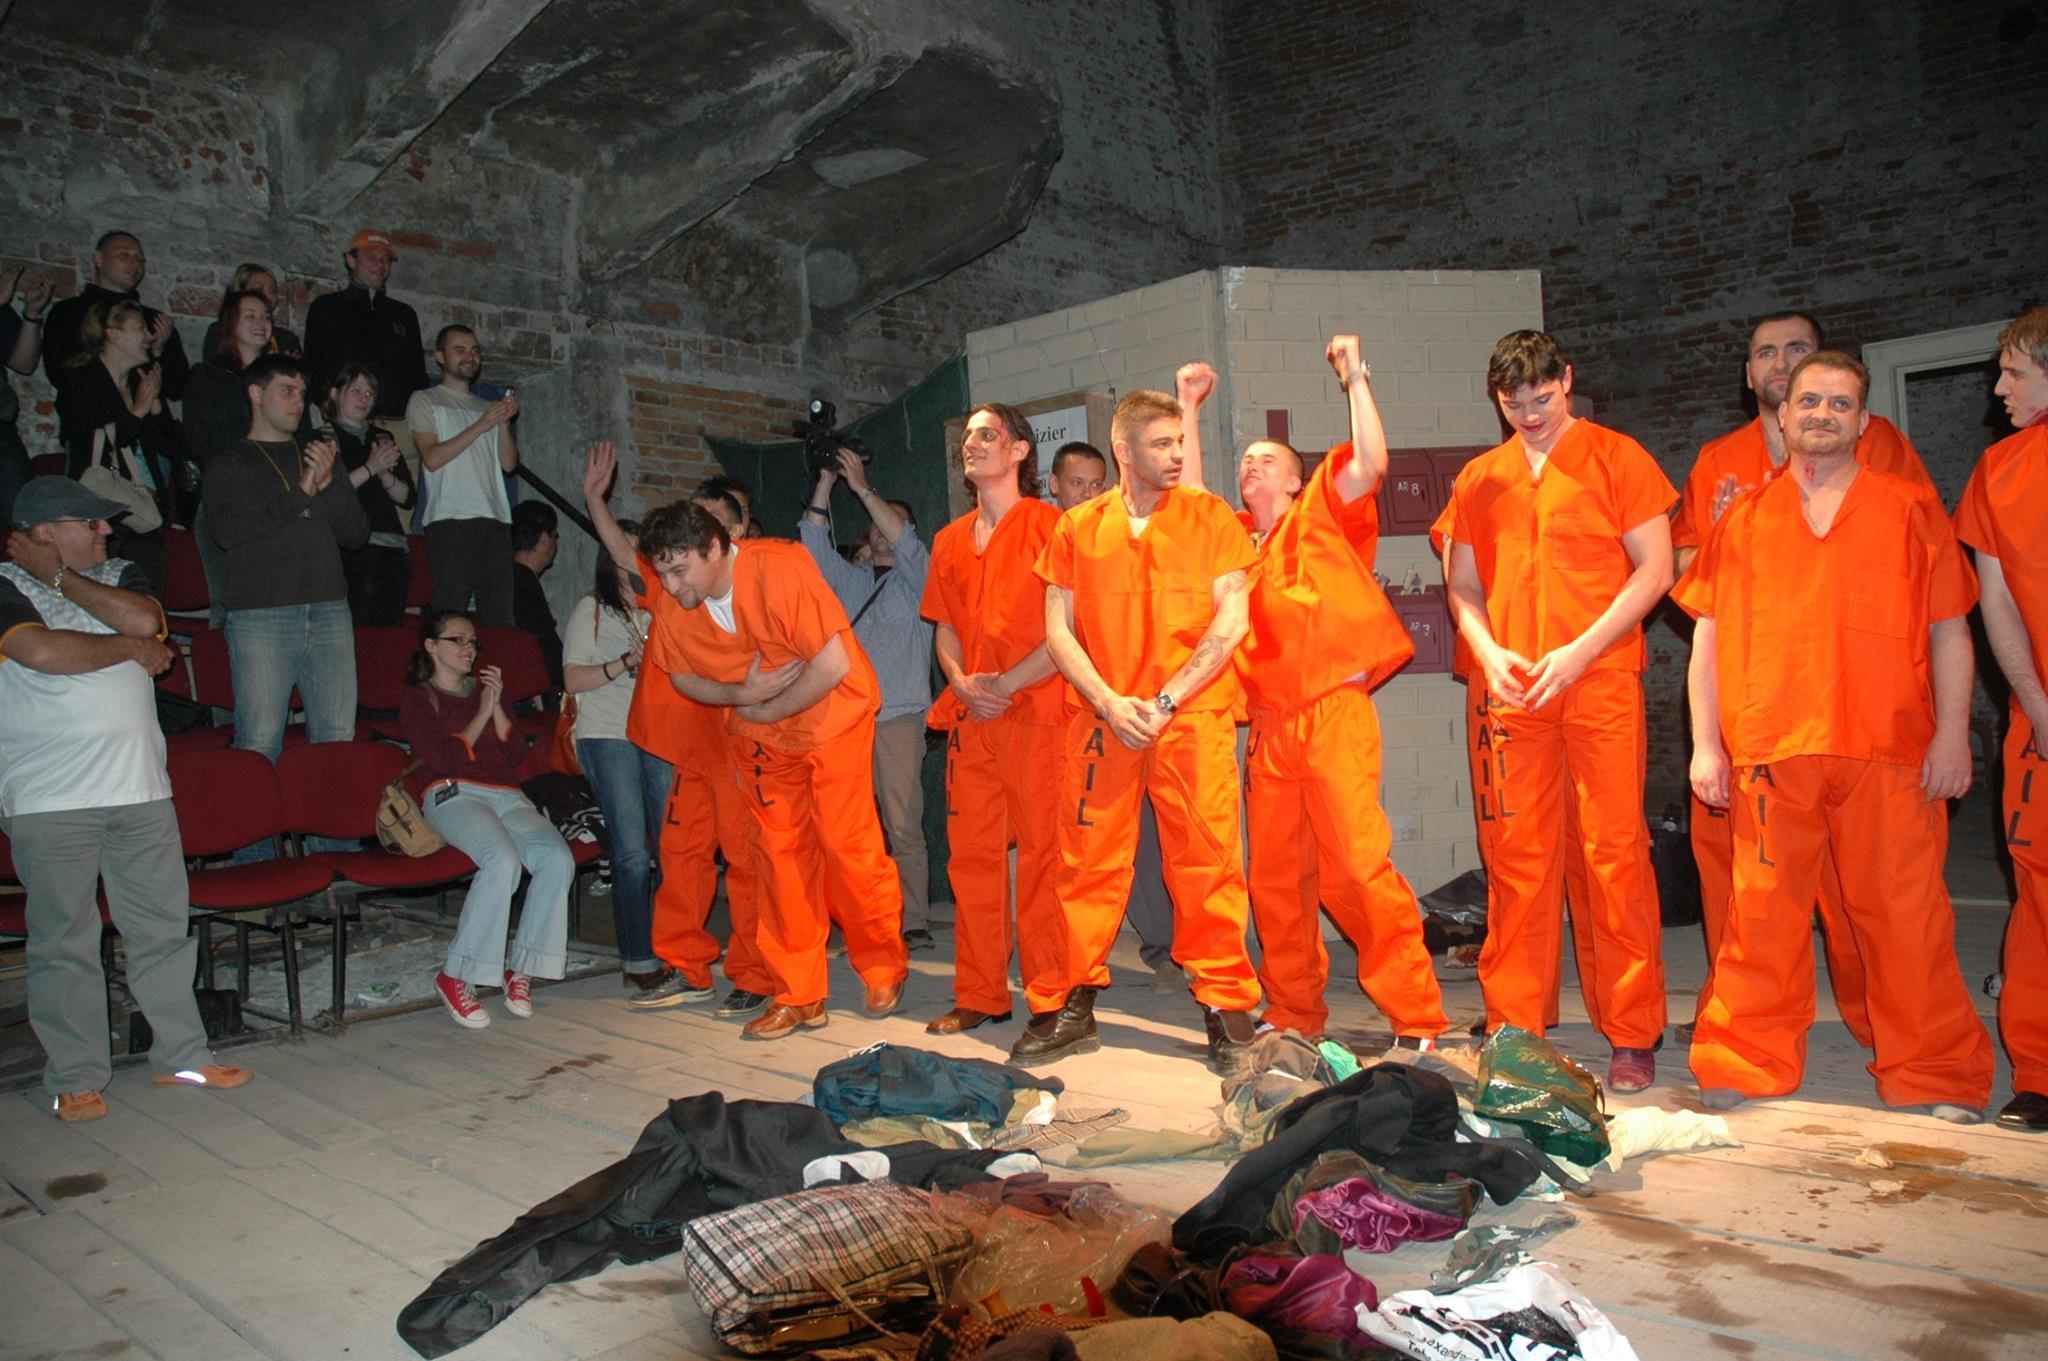 spectacolul Joi cu detinutii de la Penitenciarul de Maxima Siguranta Arad 2